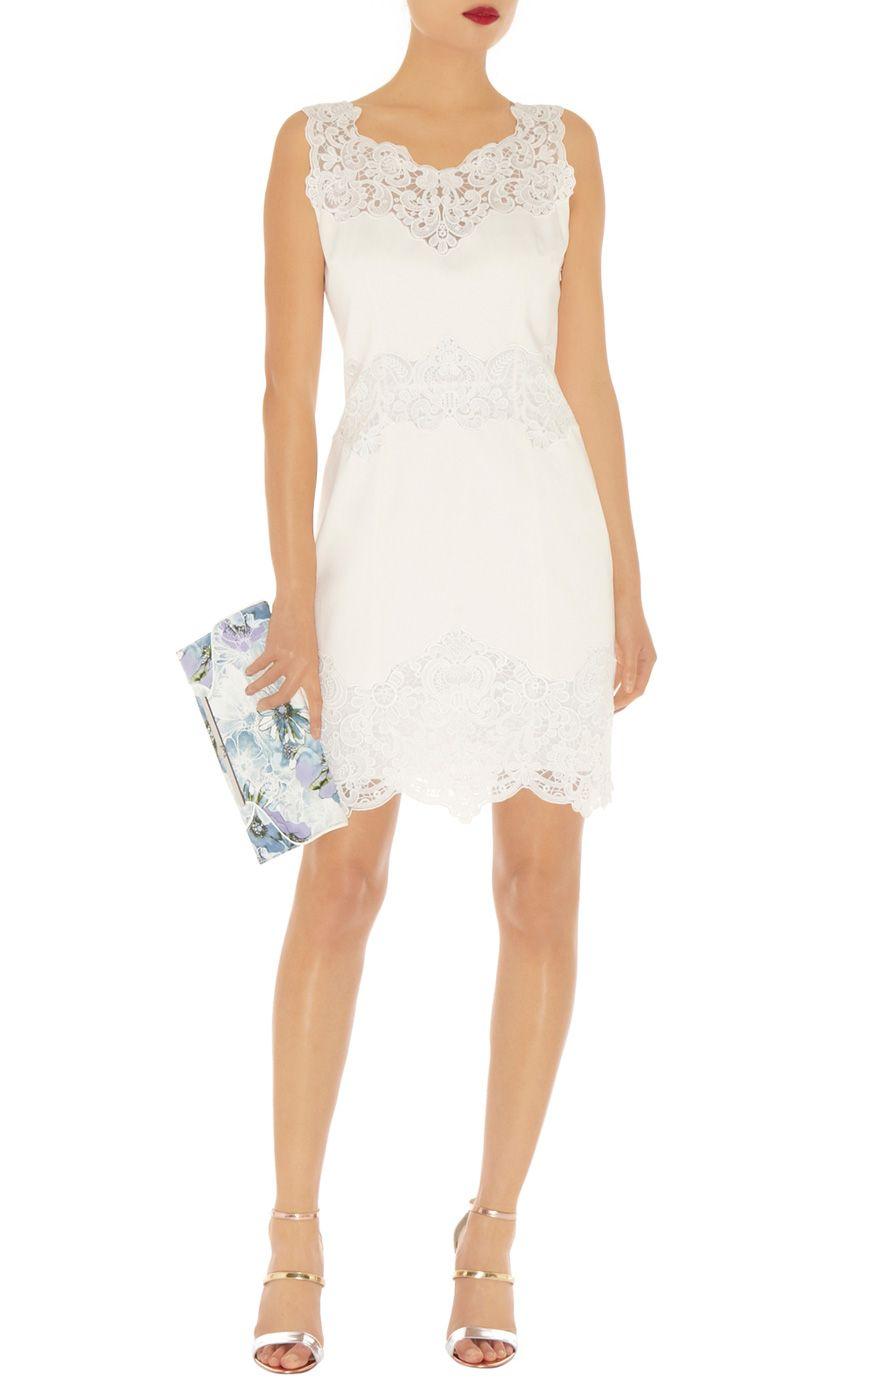 Ebay uk white dresses